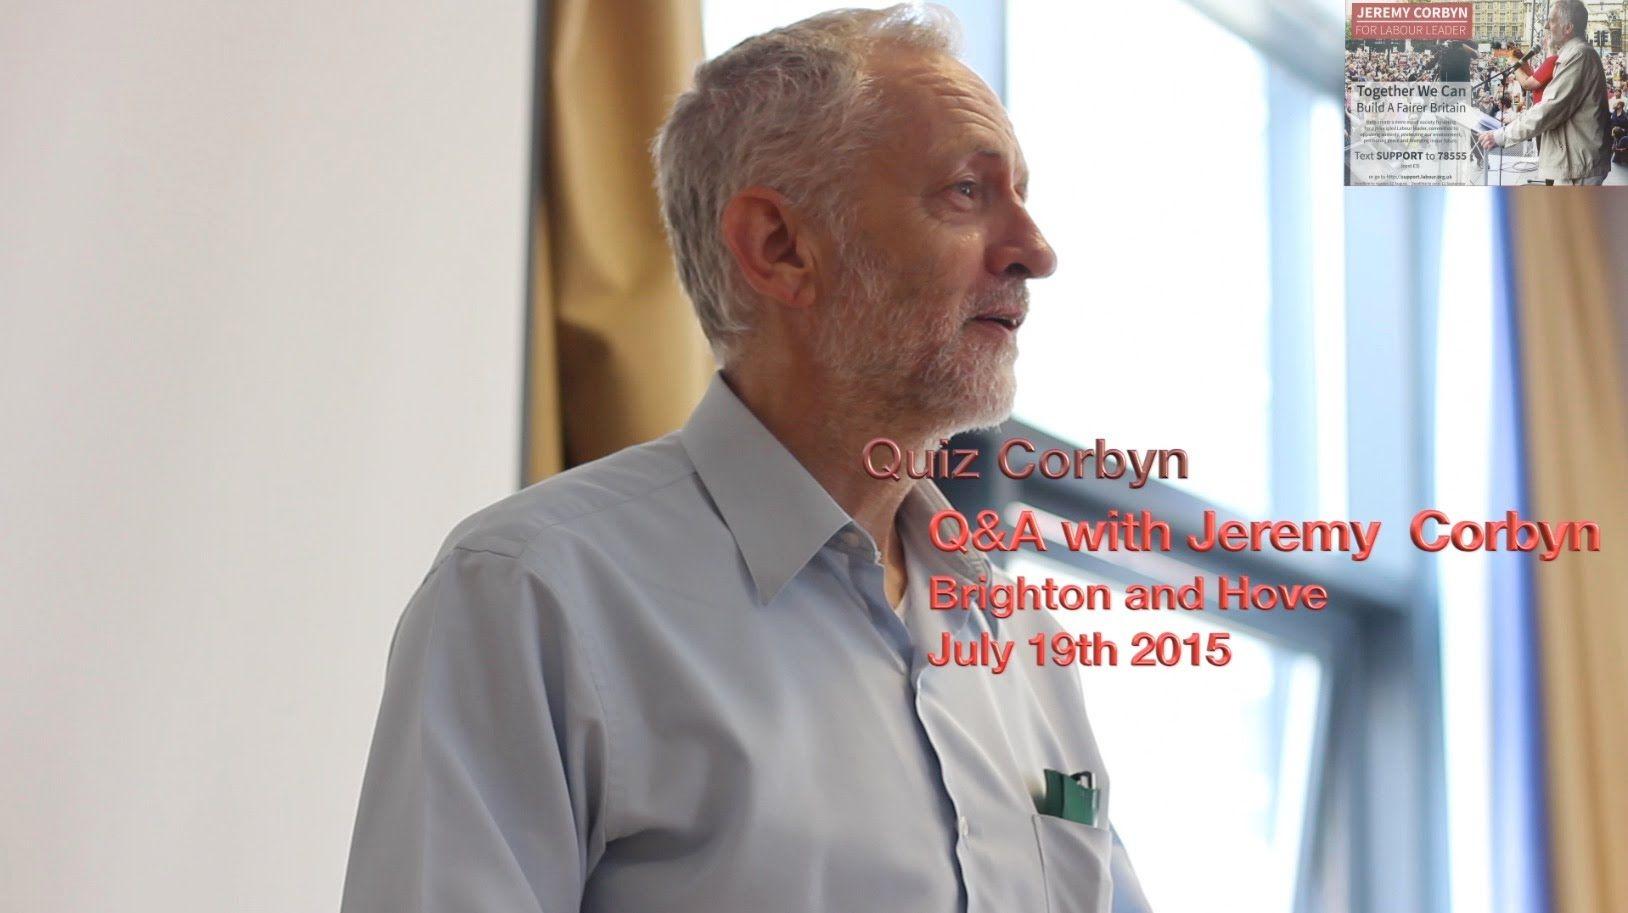 Jeremy Corbyn - Quiz Corbyn Q&A Brighton - July 18th 2015